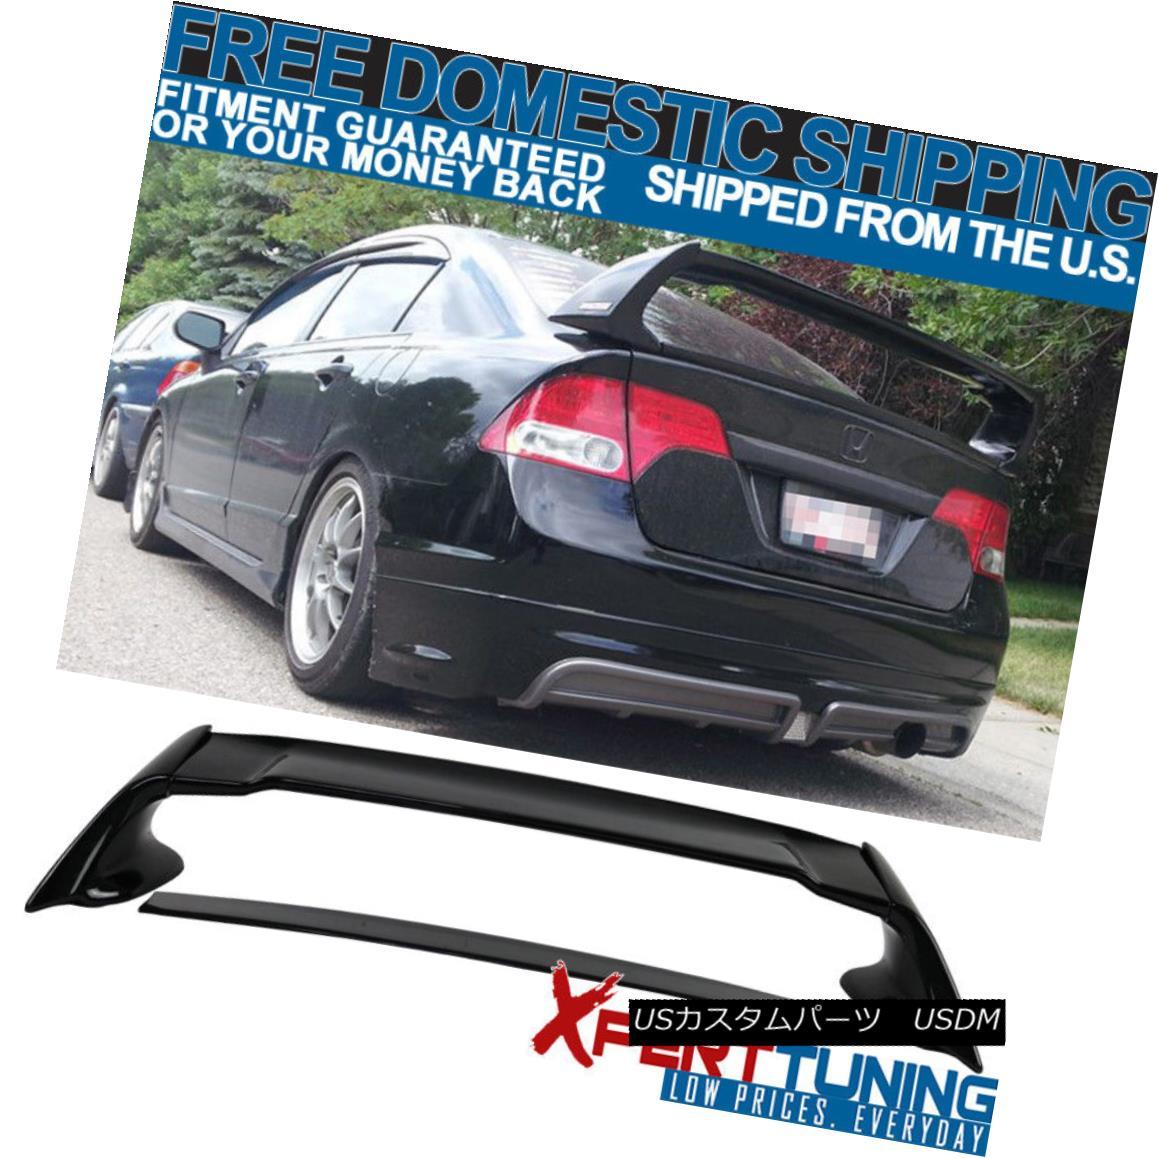 エアロパーツ 06-11 Honda Civic 4Dr Mugen Trunk Spoiler - Painted Glossy Black 06-11 Honda Civic 4Dr Mugenトランク・スポイラー - ペイント・グロッシー・ブラック